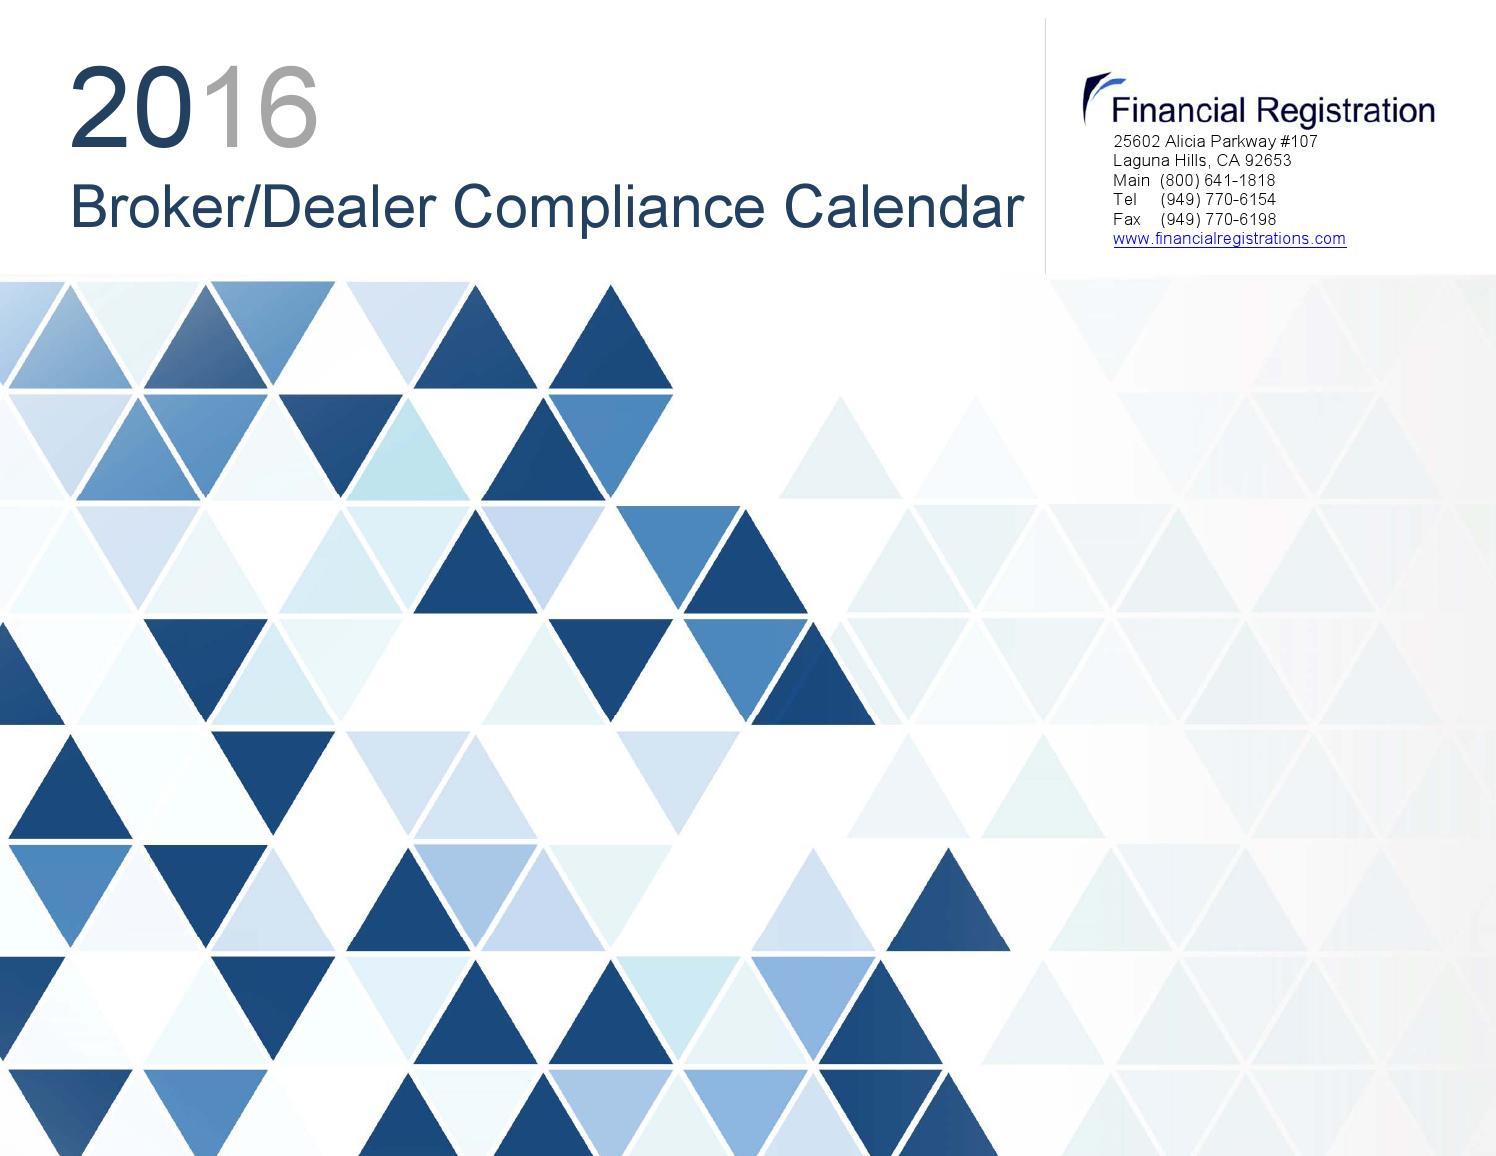 broker dealer compliance 2016 Broker/Dealer Compliance Calendar by Scott Tarra - issuu